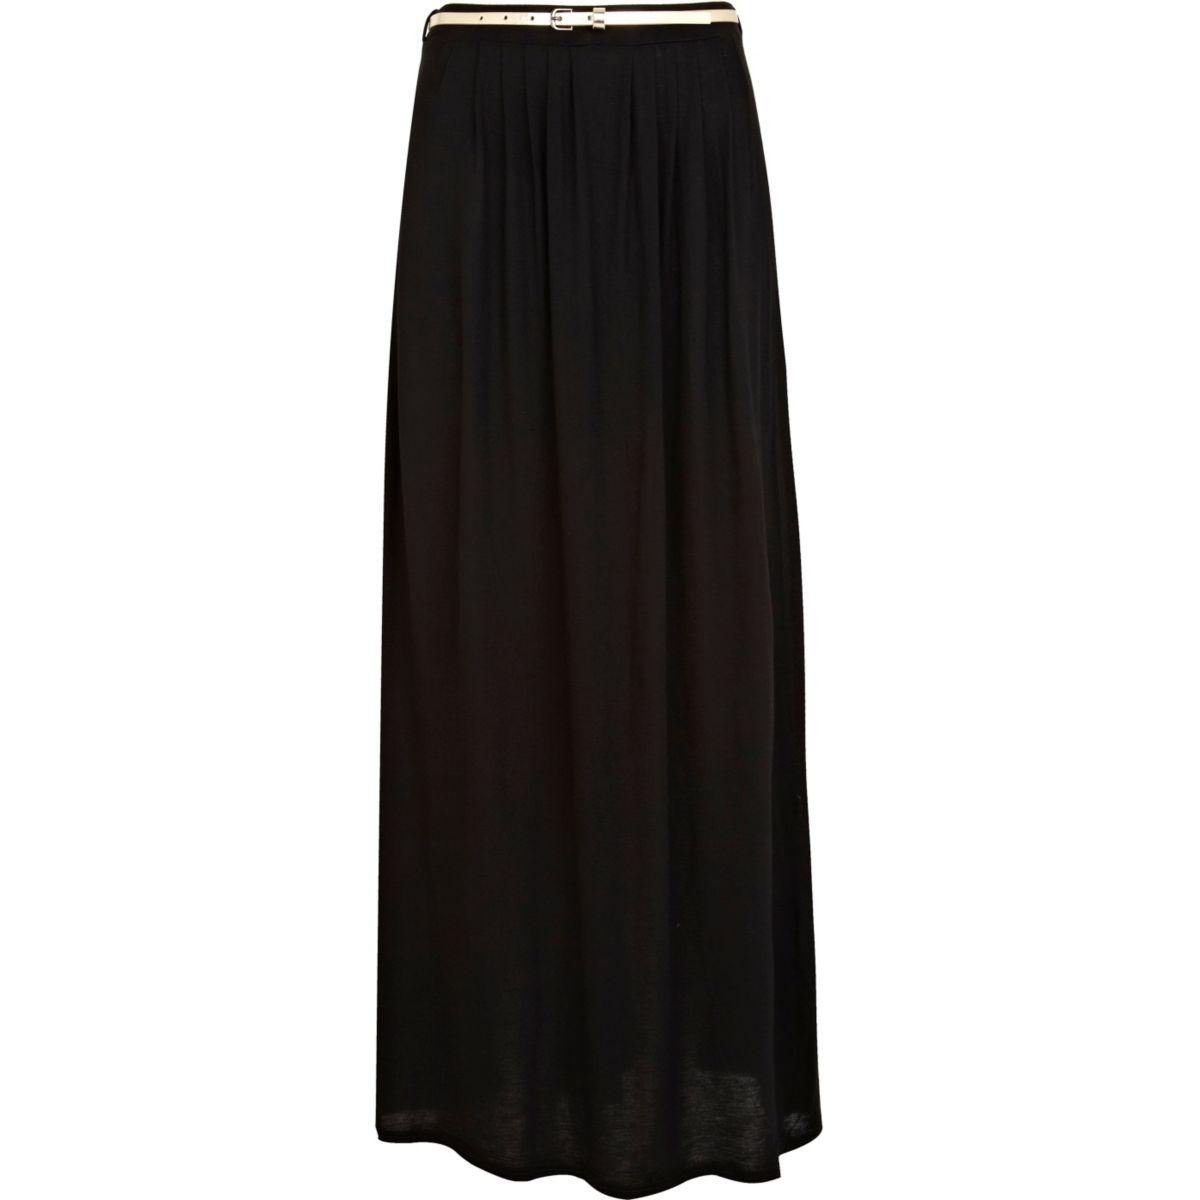 En Femme Ceinture Avec Jupes Noir Jupe Longue Jersey Promos awHRqFFp